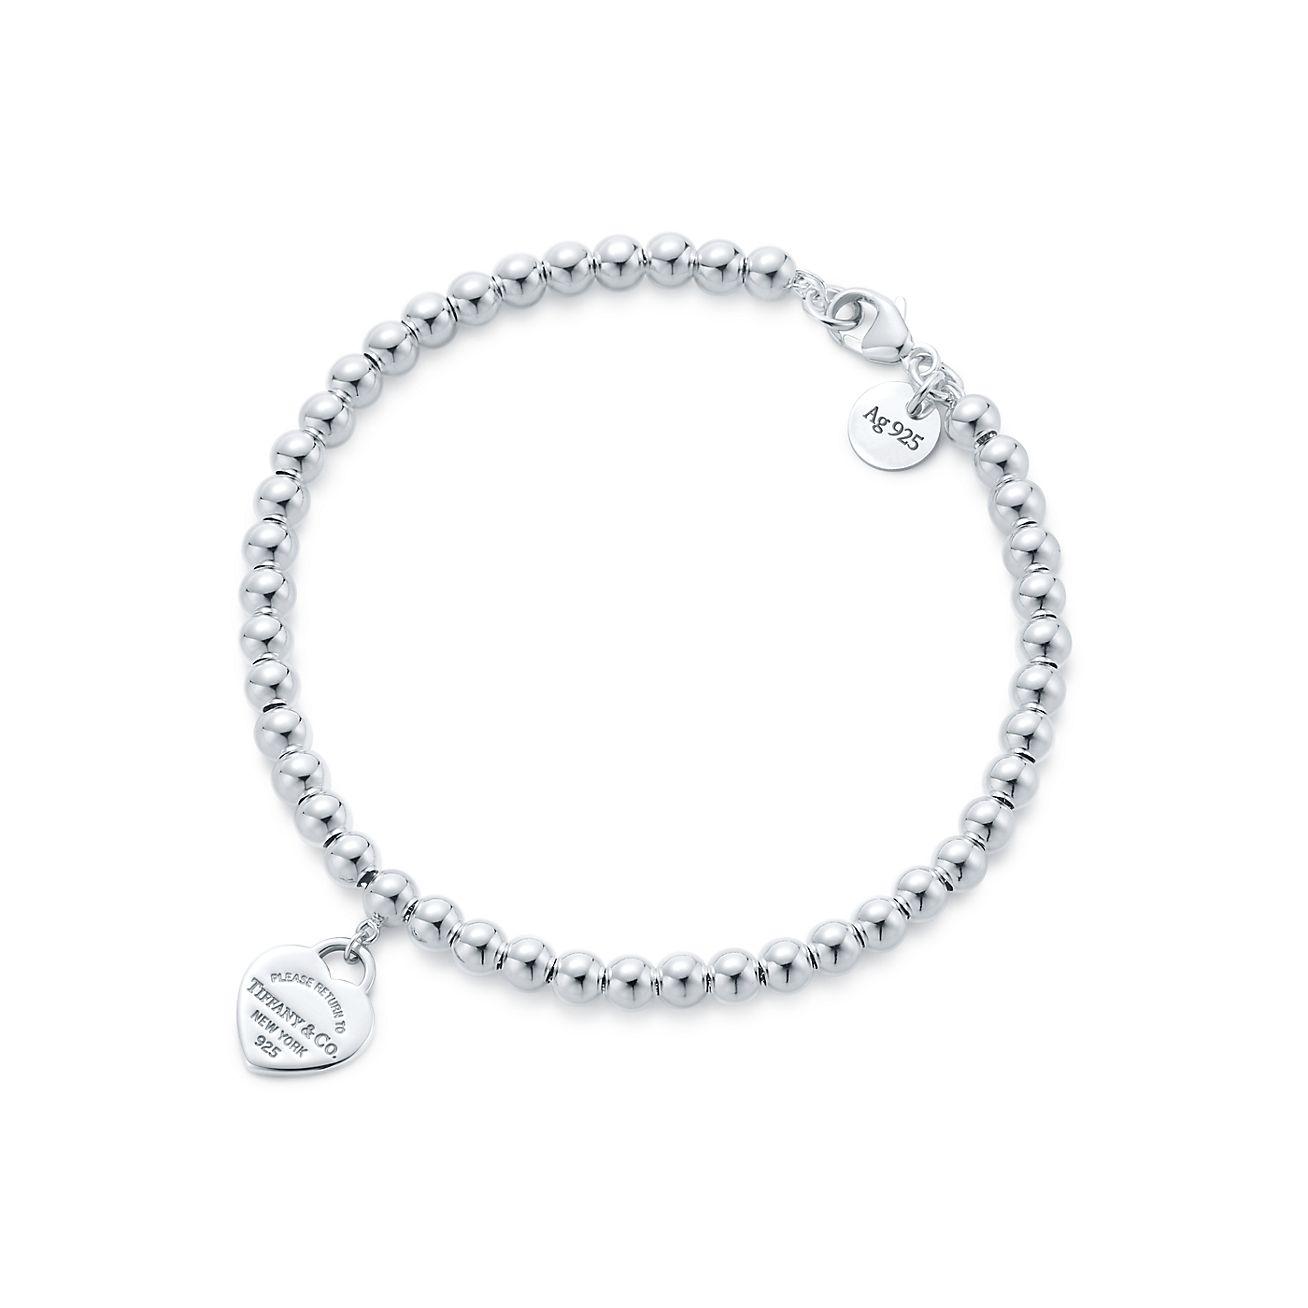 情人節禮物女朋友飾物篇,2020情人節禮物,Chanel